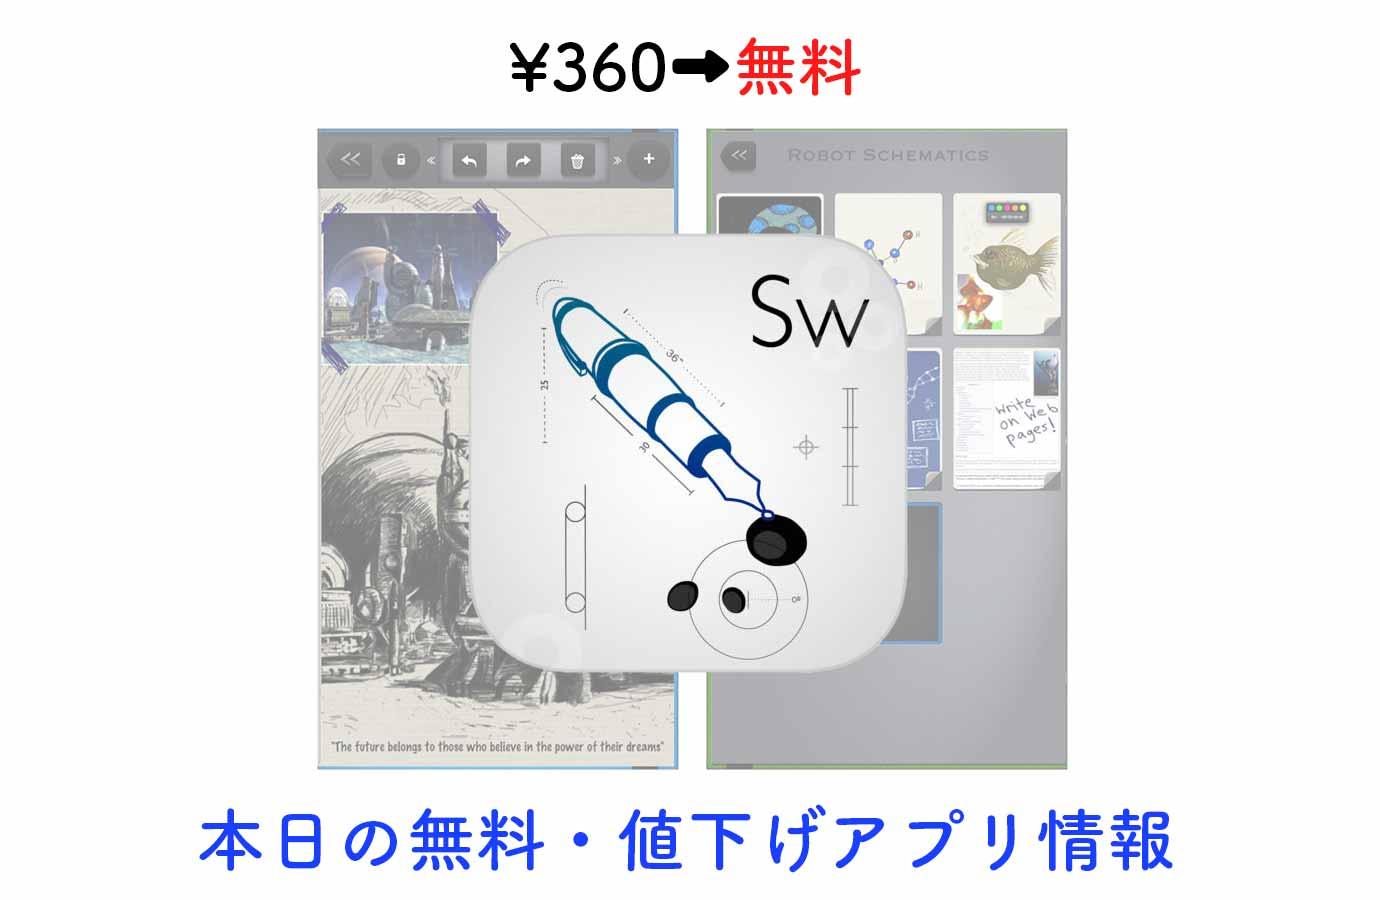 ¥360→無料、高機能スケッチノート・アプリ「Sketchworthy」など【8/14】本日の無料・値下げアプリ情報